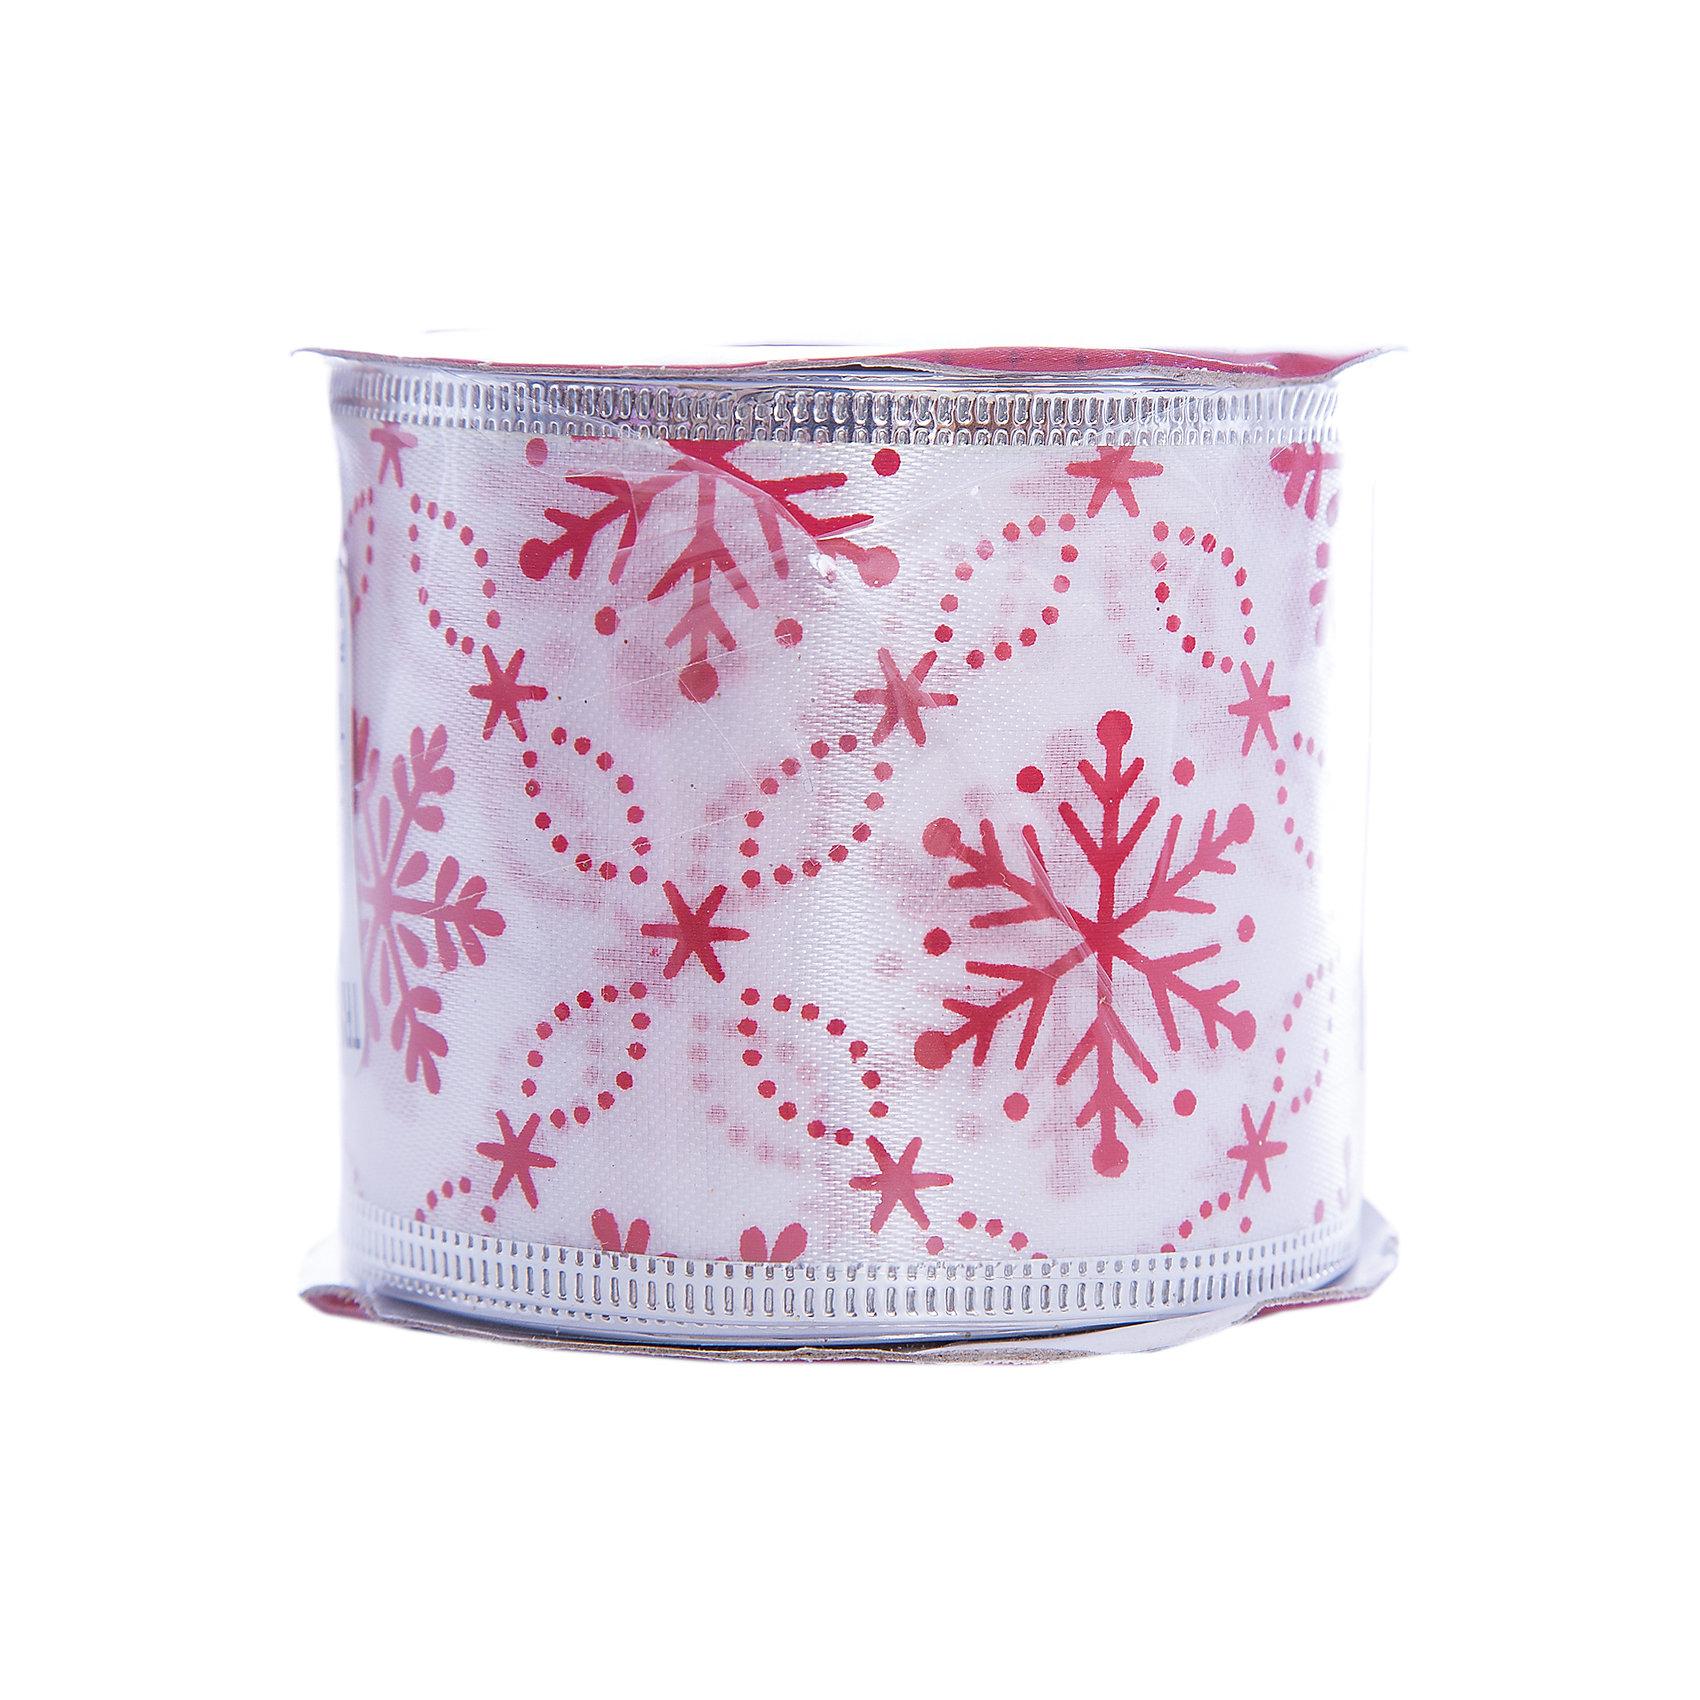 Лента новогодняя Красные снежинки арт.42818 из сатина на картонной катушке от myToys